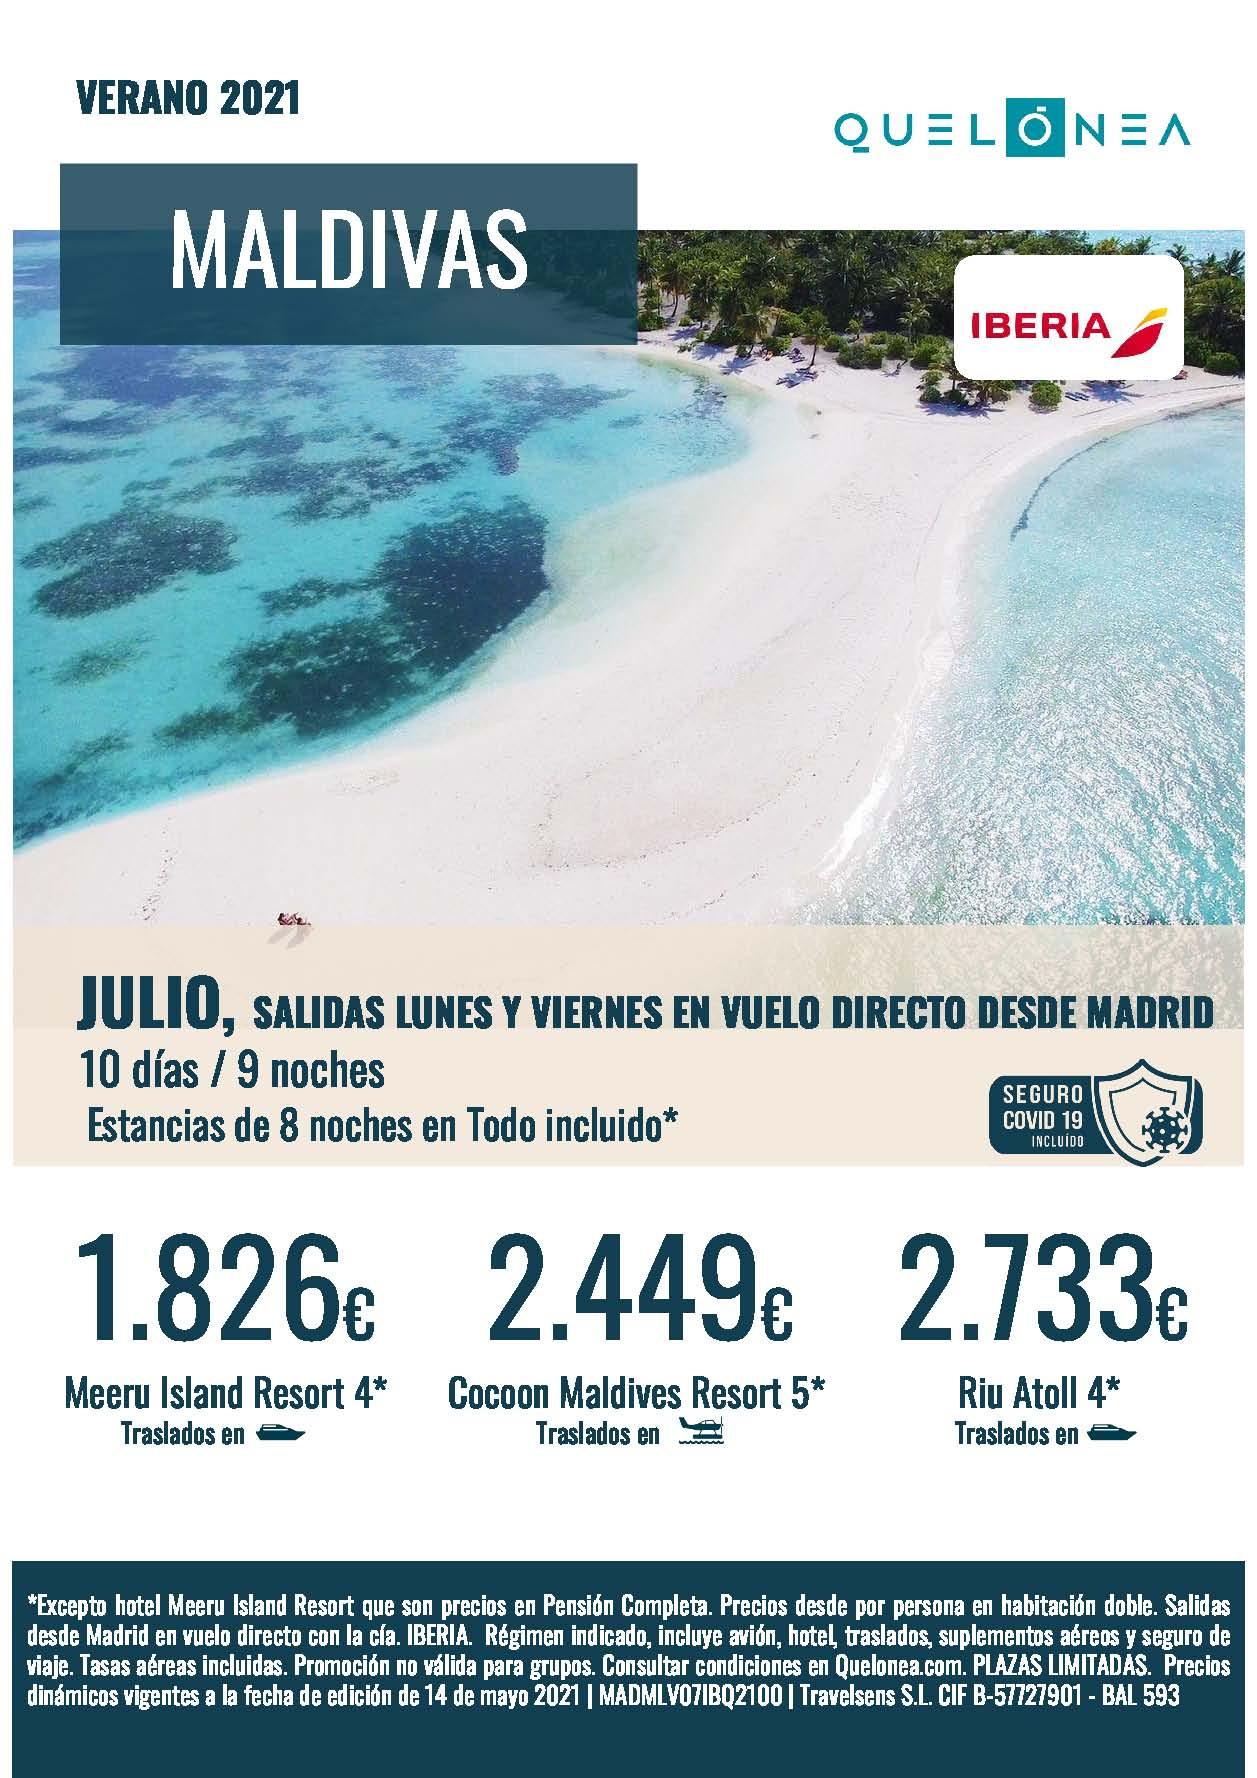 Ofertas Quelonea Maldivas Julio 2021 10 dias 9 noches vuelos directos desde Madrid con Iberia